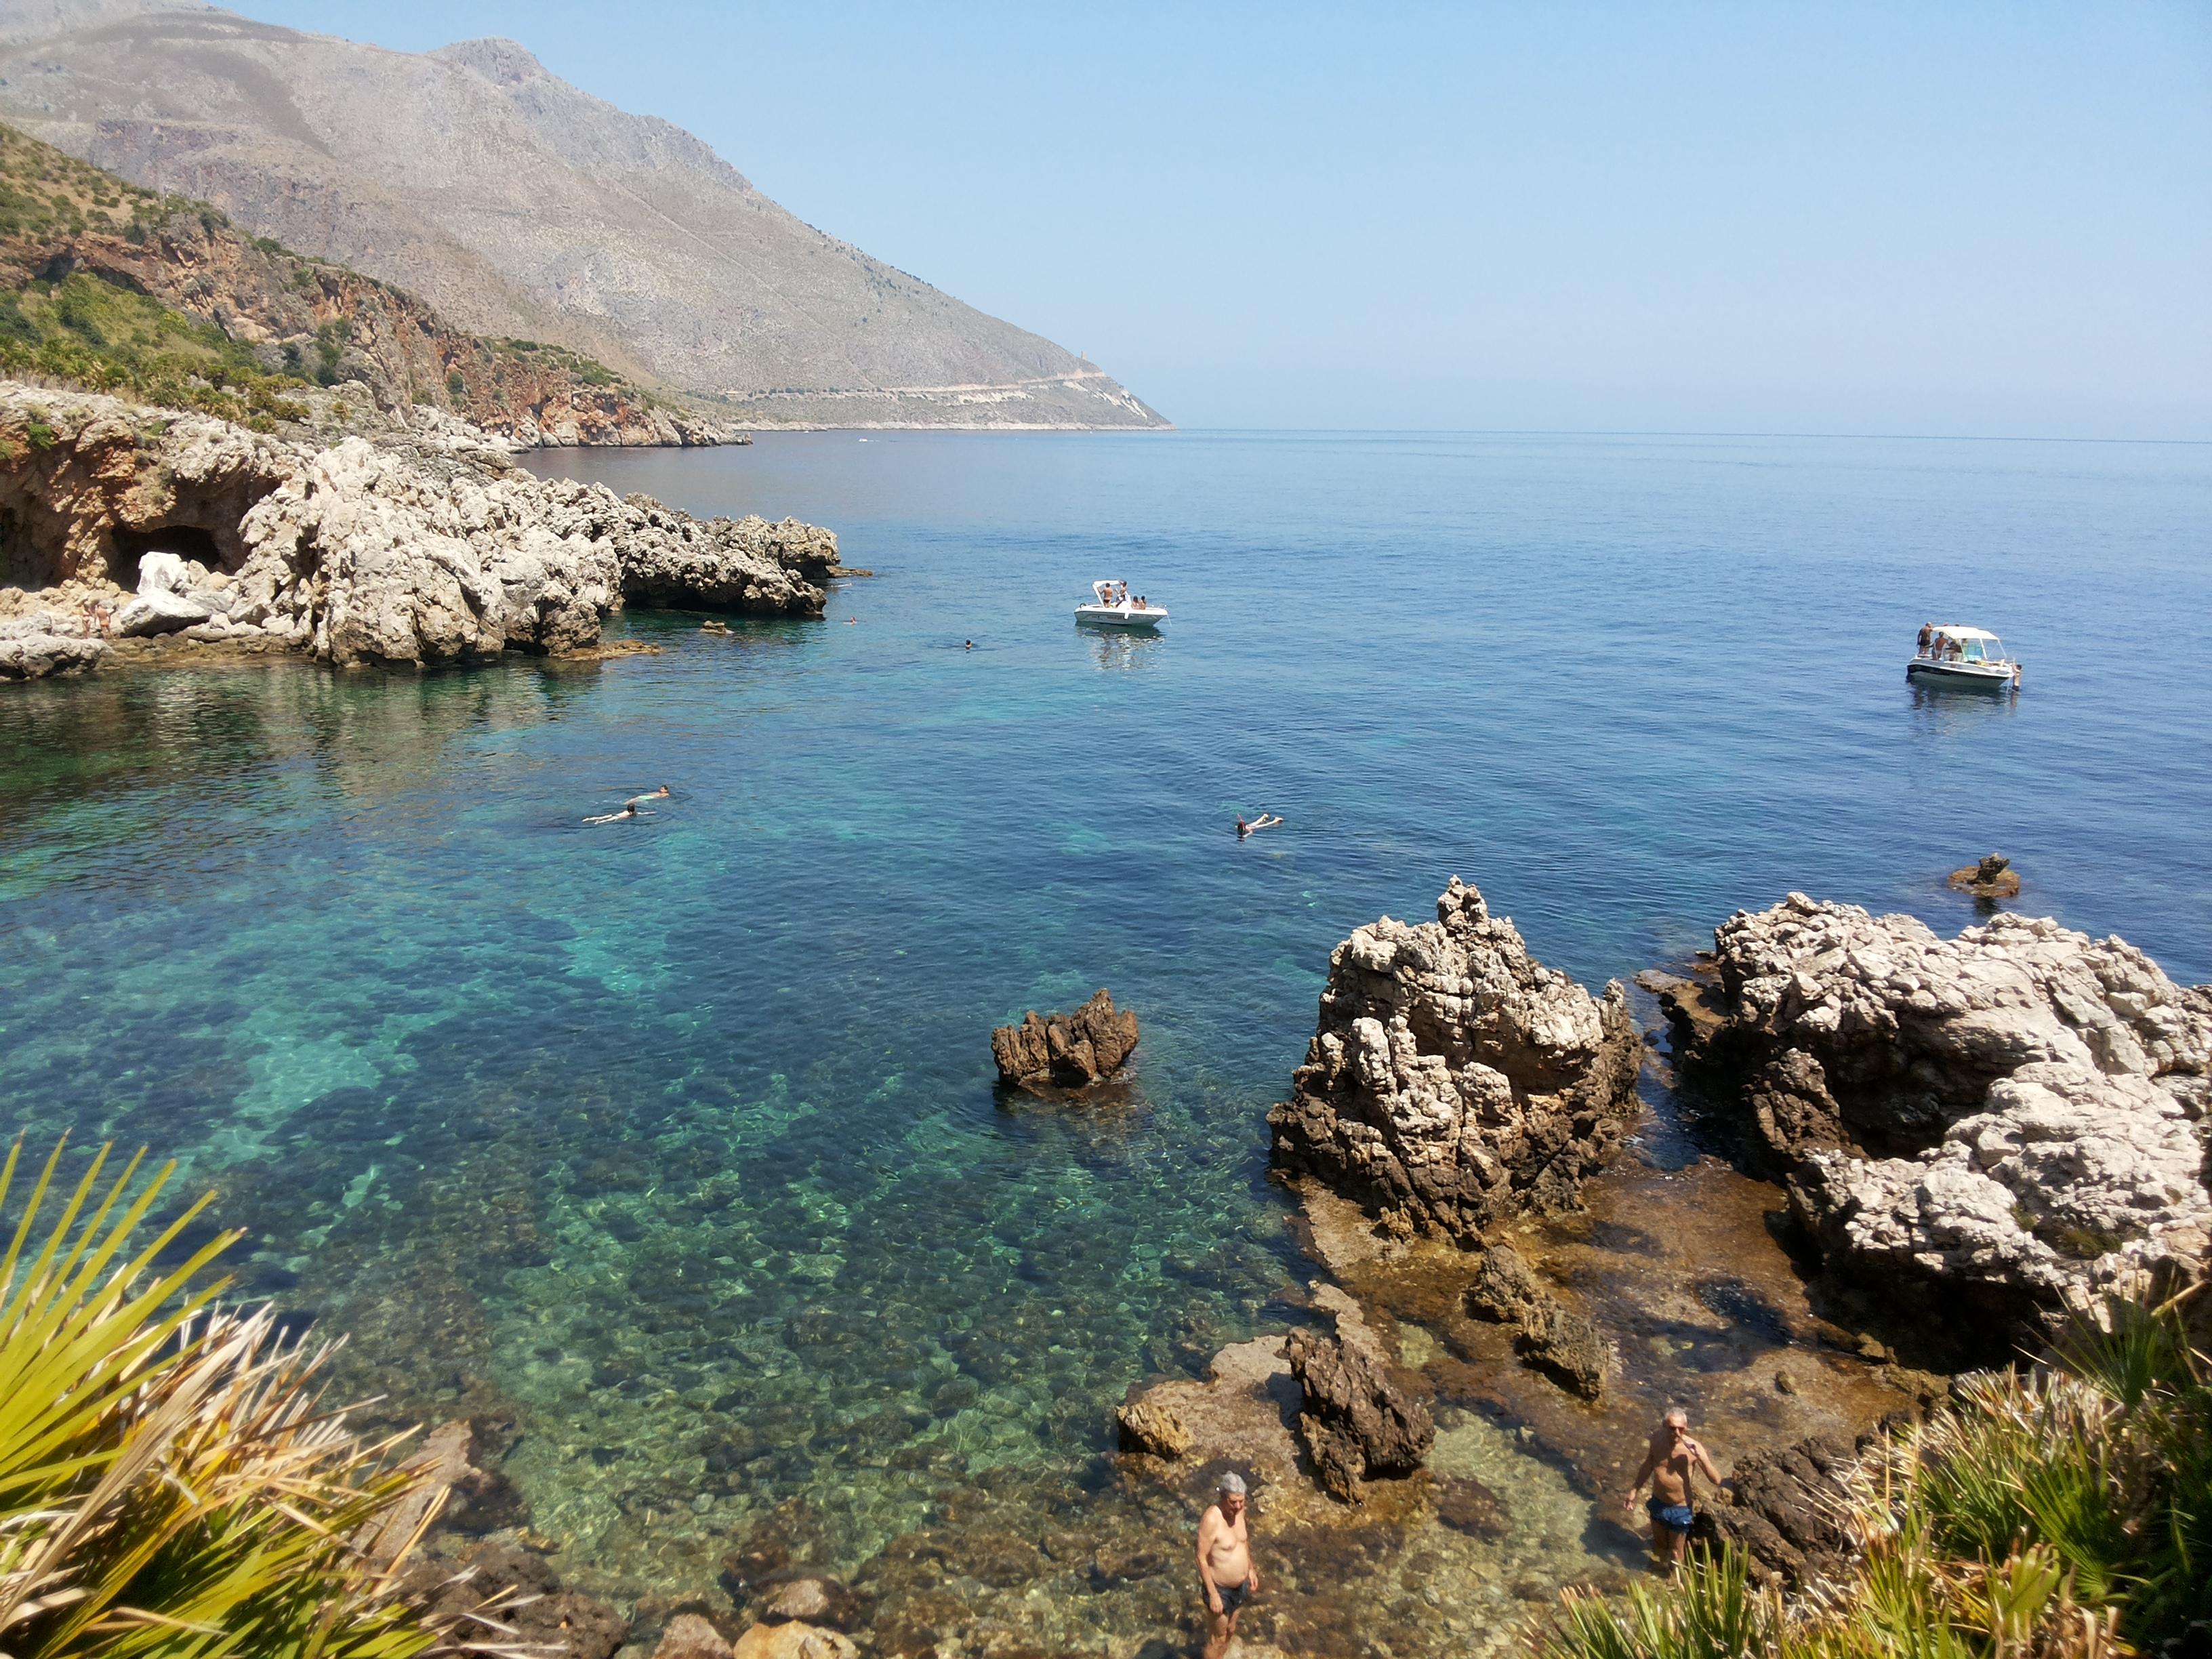 reserva dello zingaro - guia de viaje sicilia